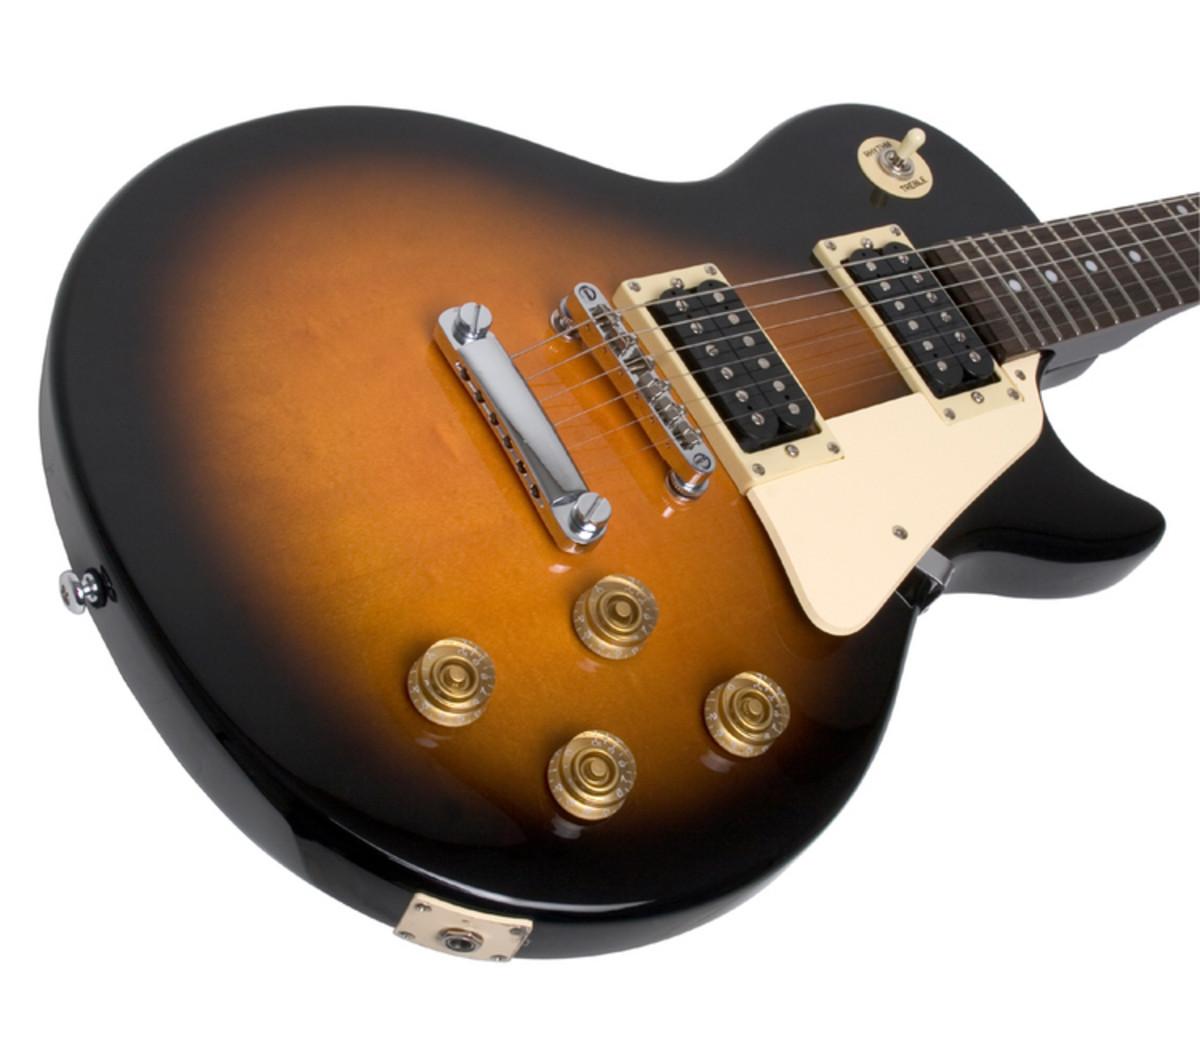 epiphone les paul 100 electric guitar vintage sunburst ex demo at rh gear4music com Epiphone Les Paul Jr Pickguard Epiphone Les Paul Jr Pickguard